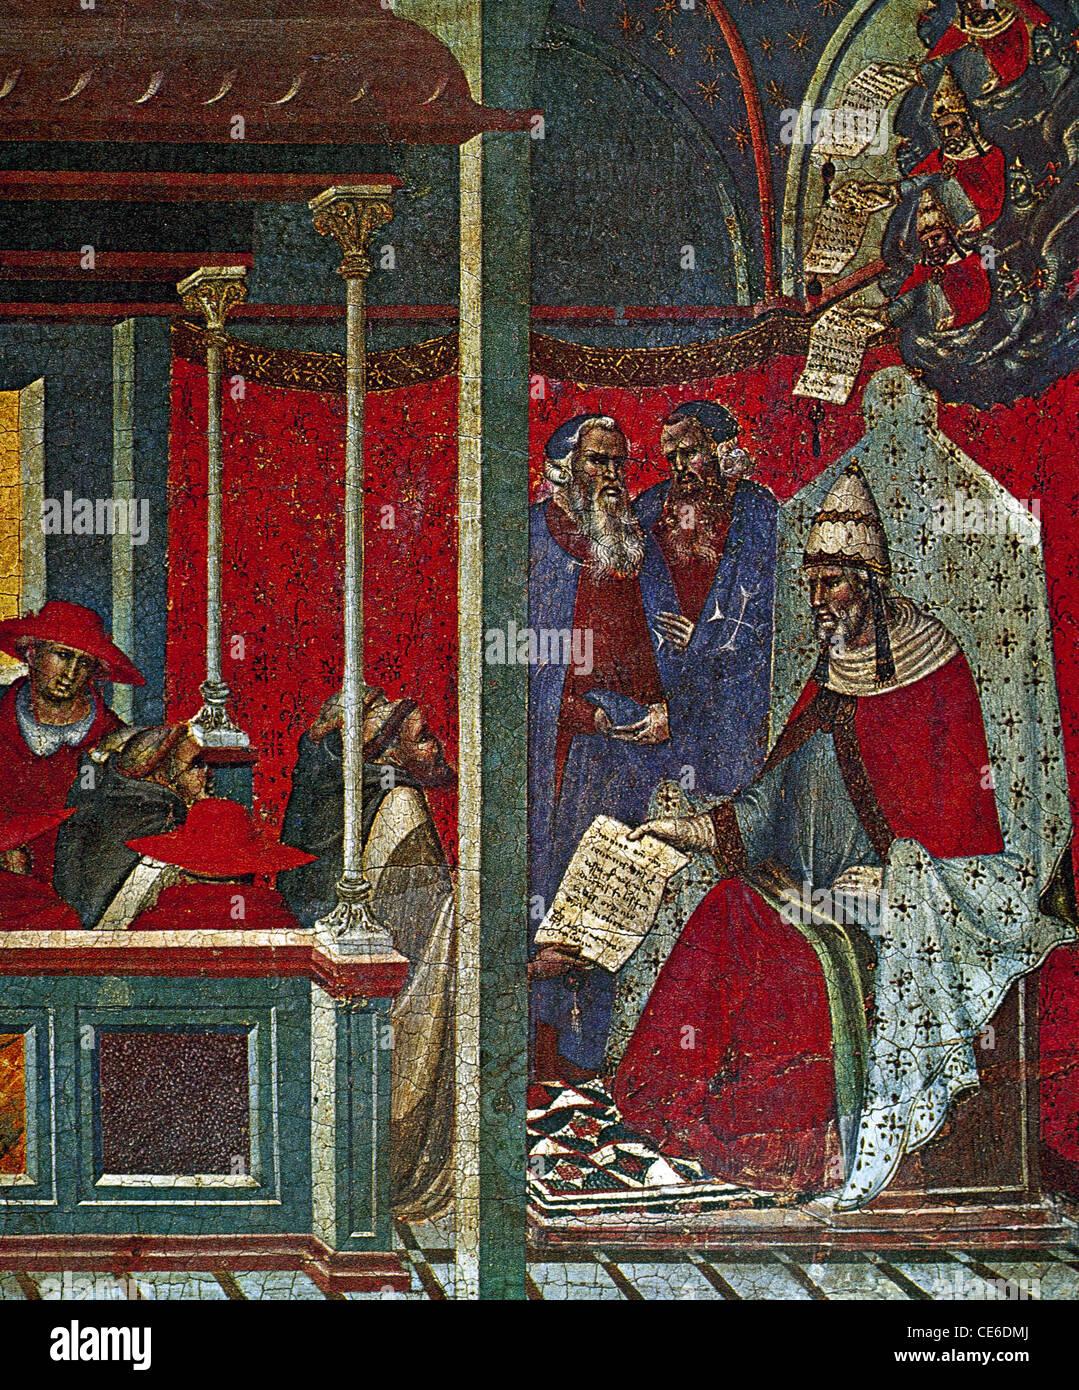 Papst Honorius III. Genehmigung der Karmelregel. 1226. Predela Panel von Pietro Lorenzetti. Kunst Galerie von Siena. Stockbild